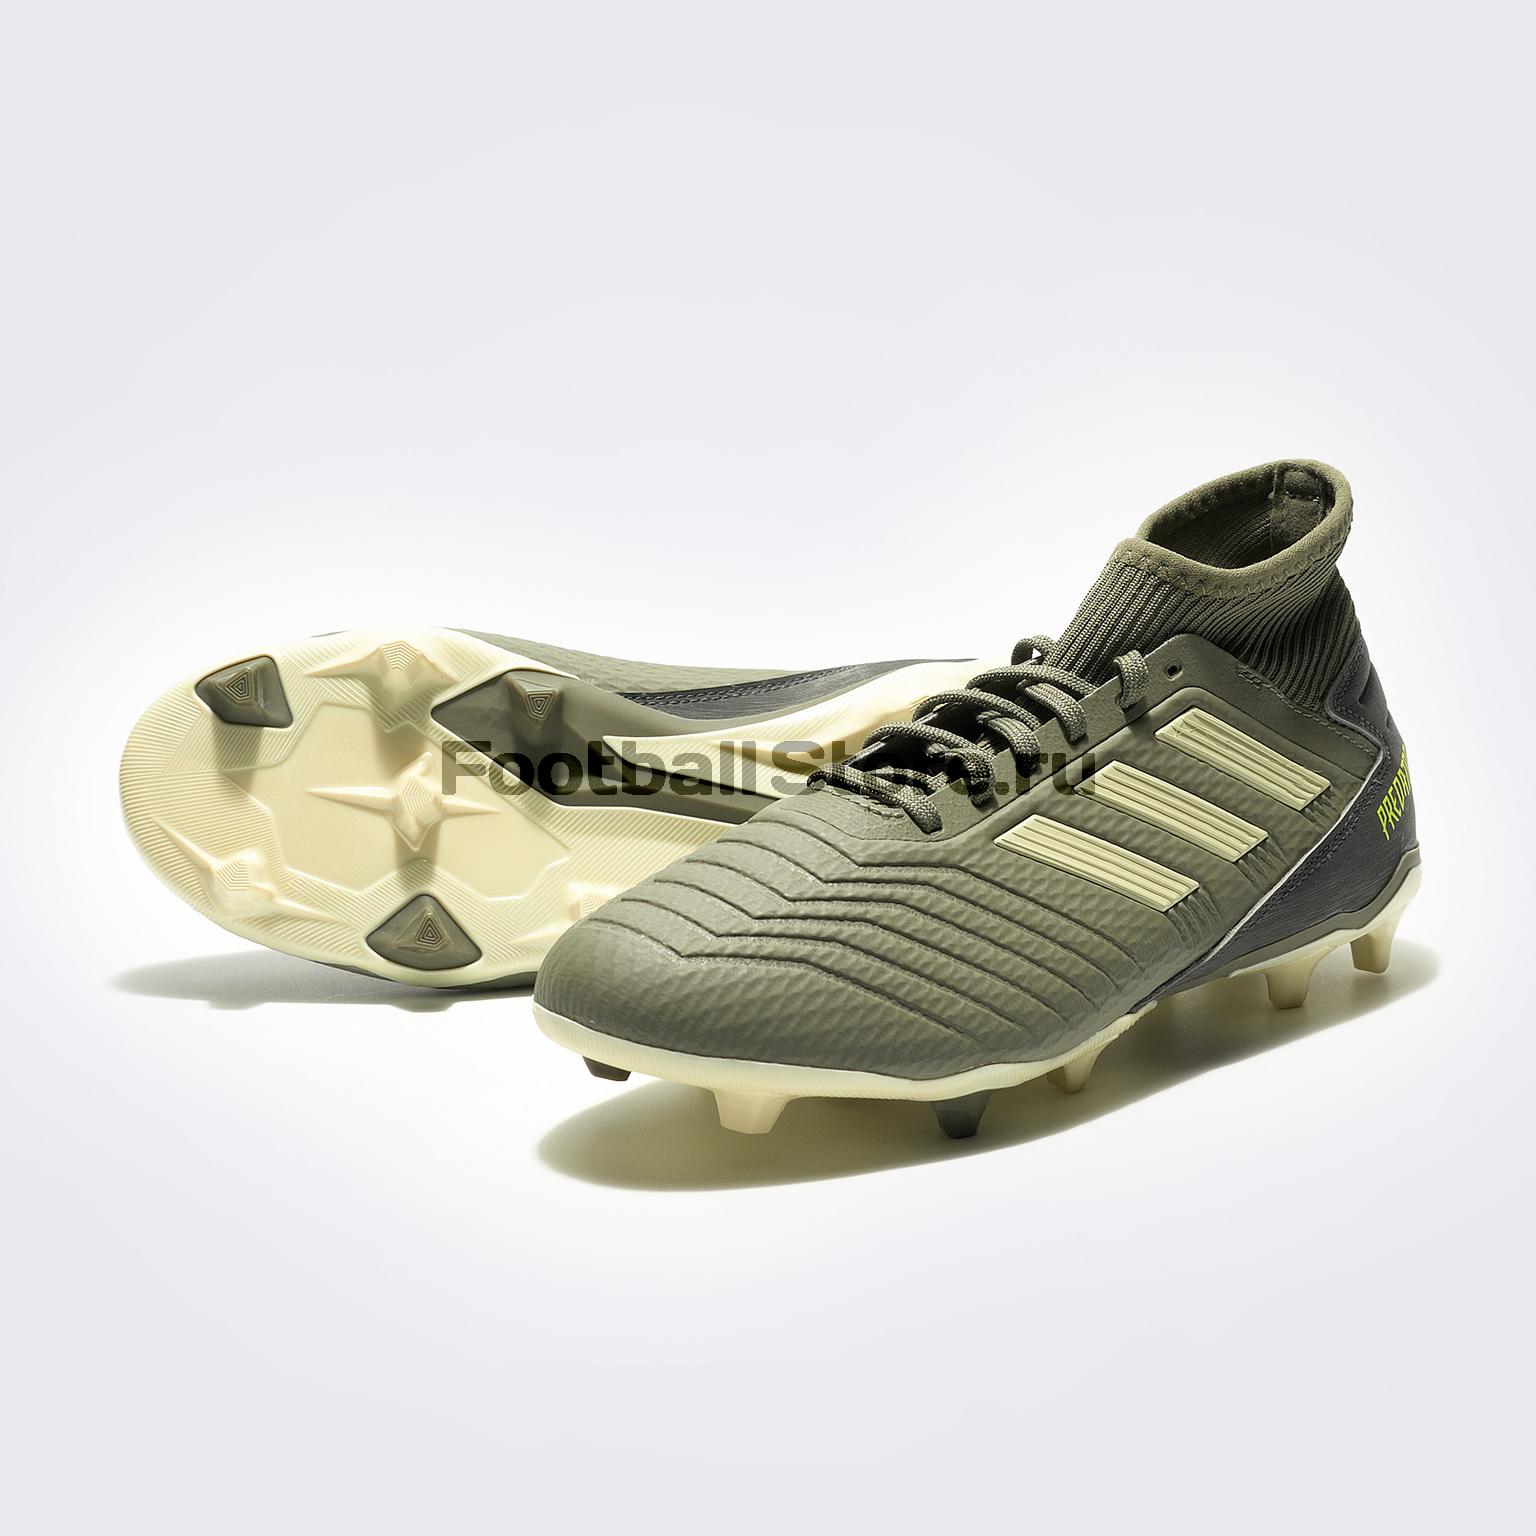 Бутсы Adidas Predator 19.3 FG EF8208 бутсы adidas predator 18 3 fg db2001